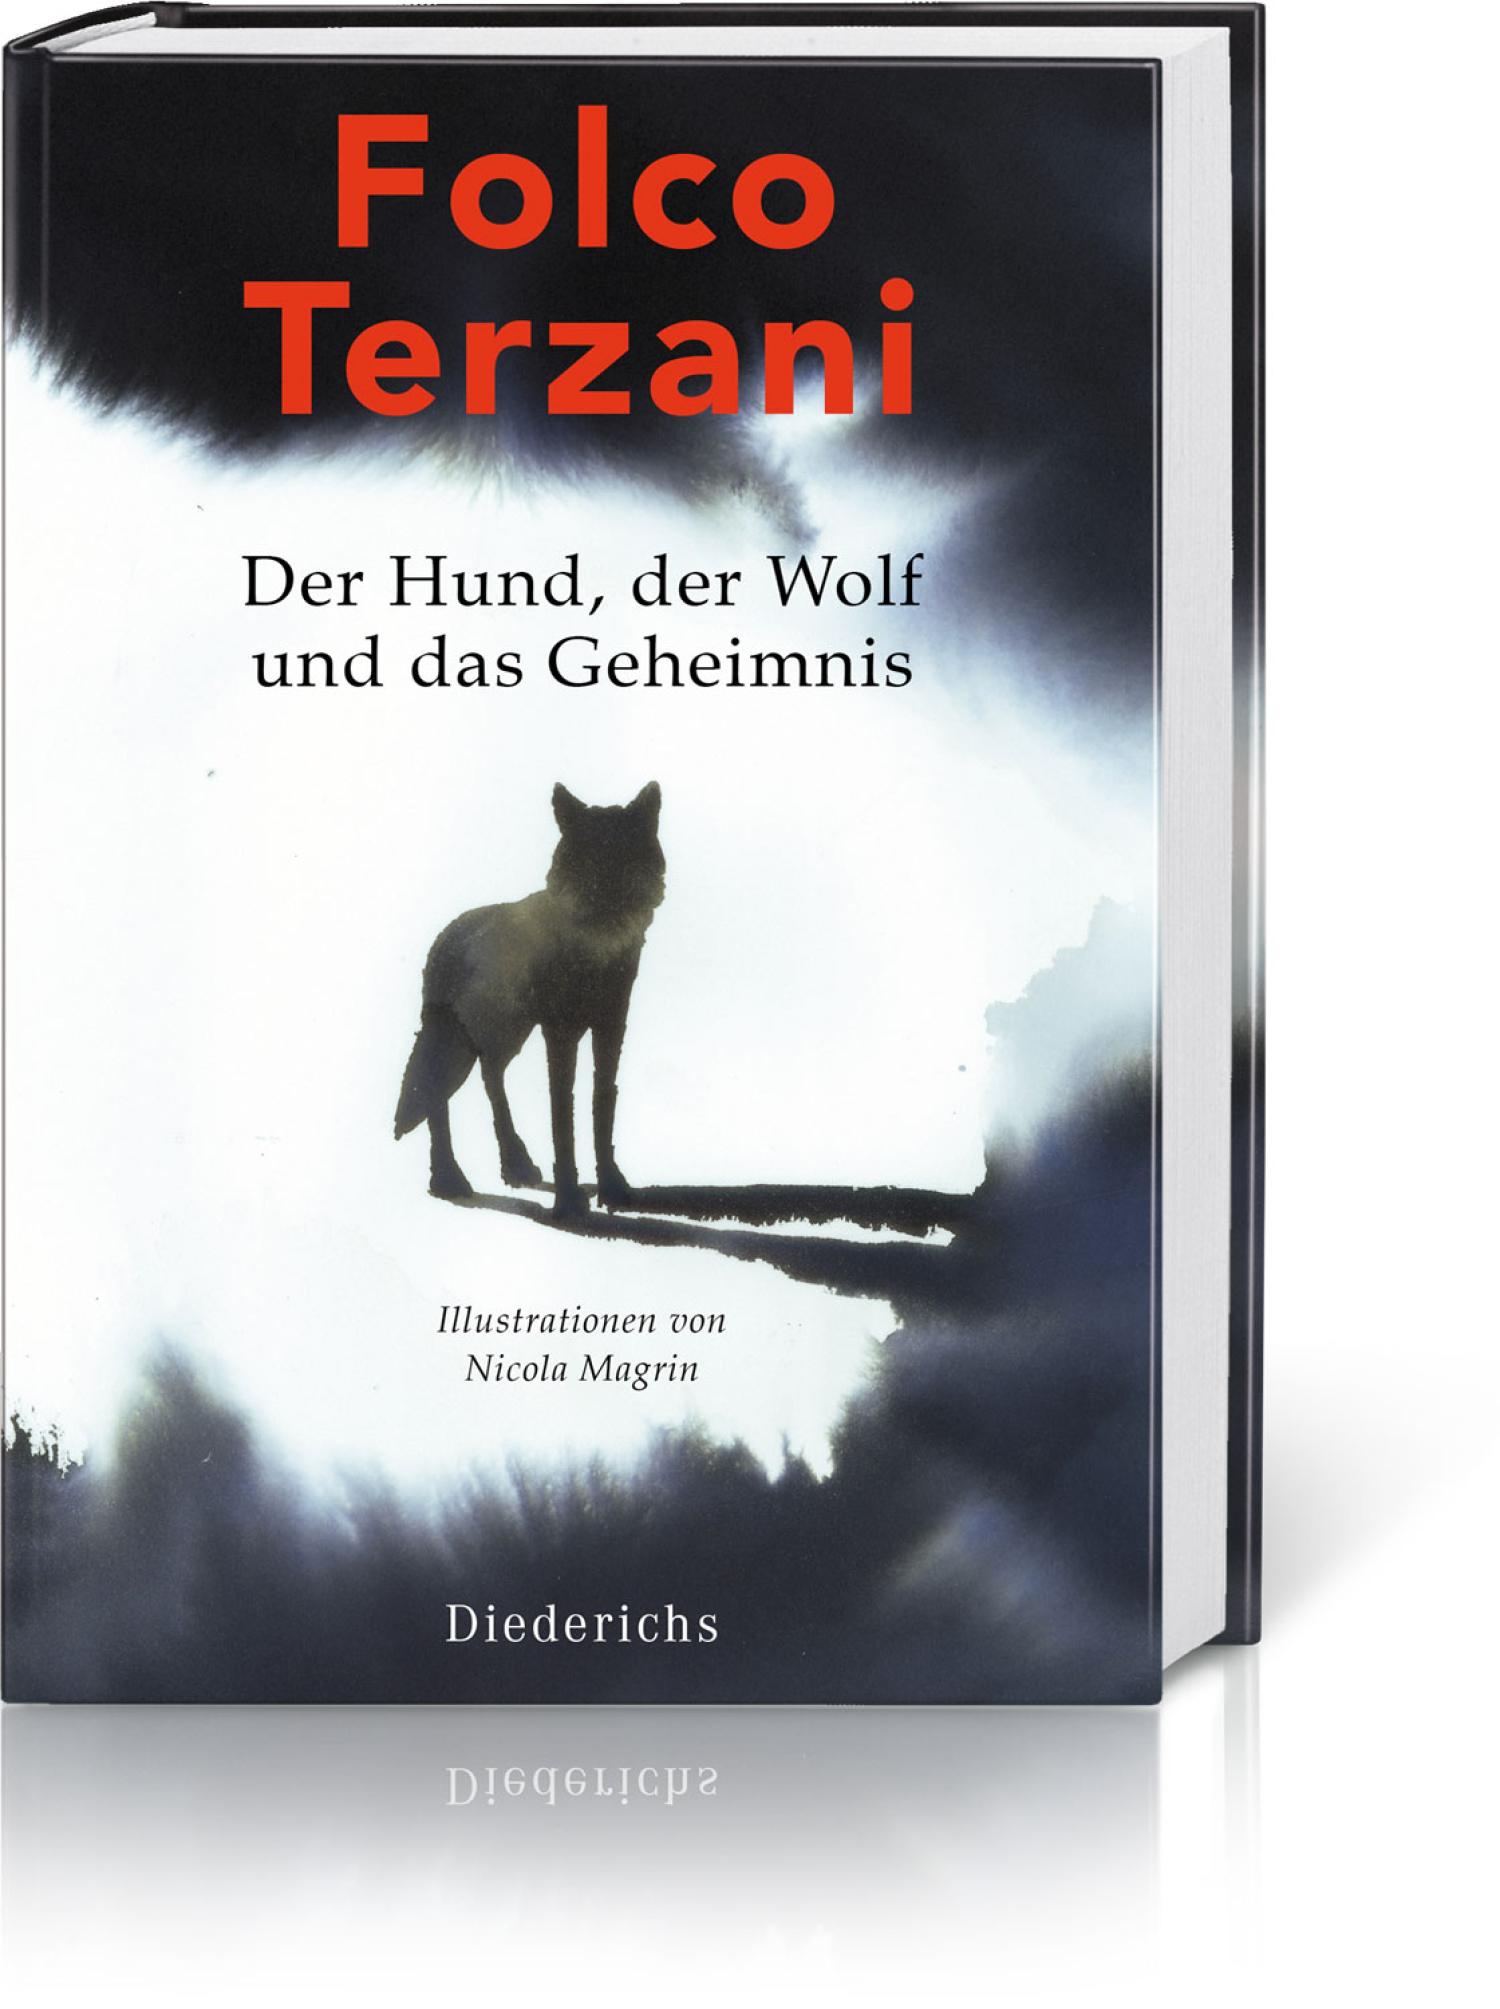 Der Hund, der Wolf und das Geheimnis, Produktbild 1